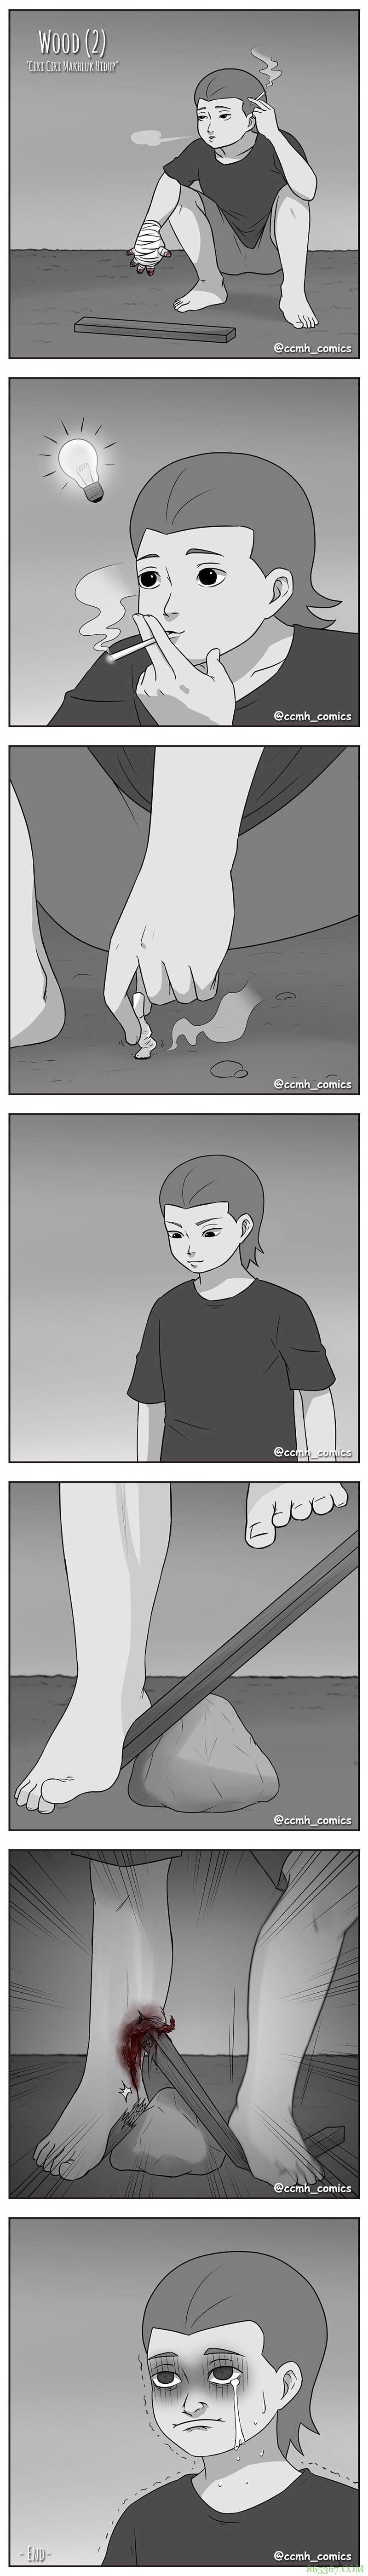 """无声漫画""""每日意外"""" 看完""""恐怖感""""漫画宛如身临其境"""